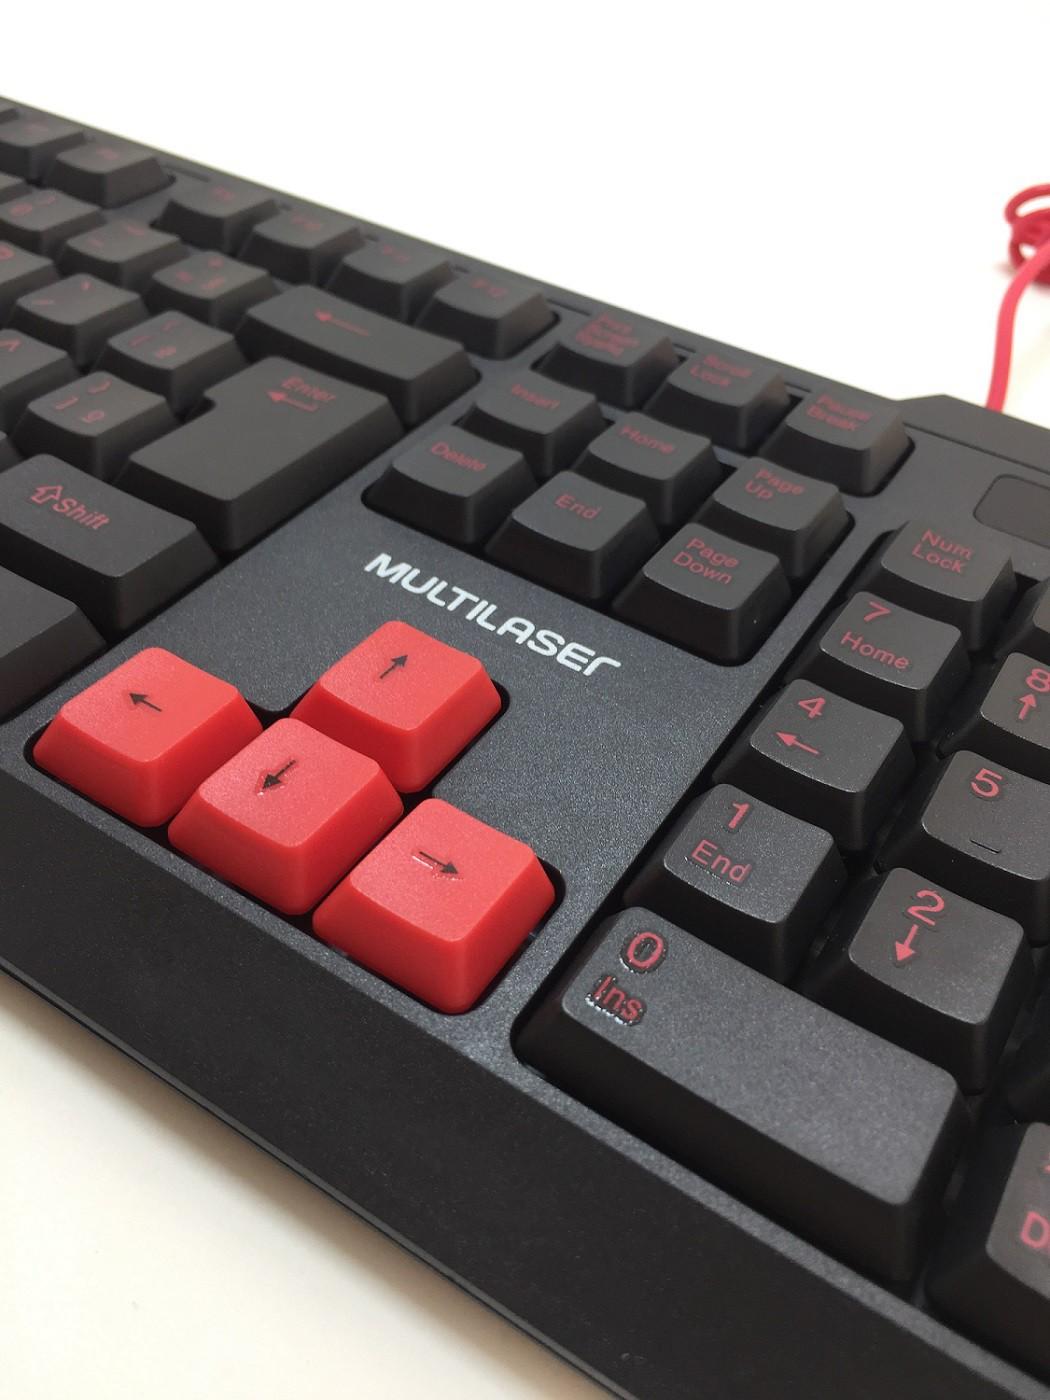 Teclado Gamer Com Hotkeys Multimidia Preto/Vermelho Multilaser - TC160